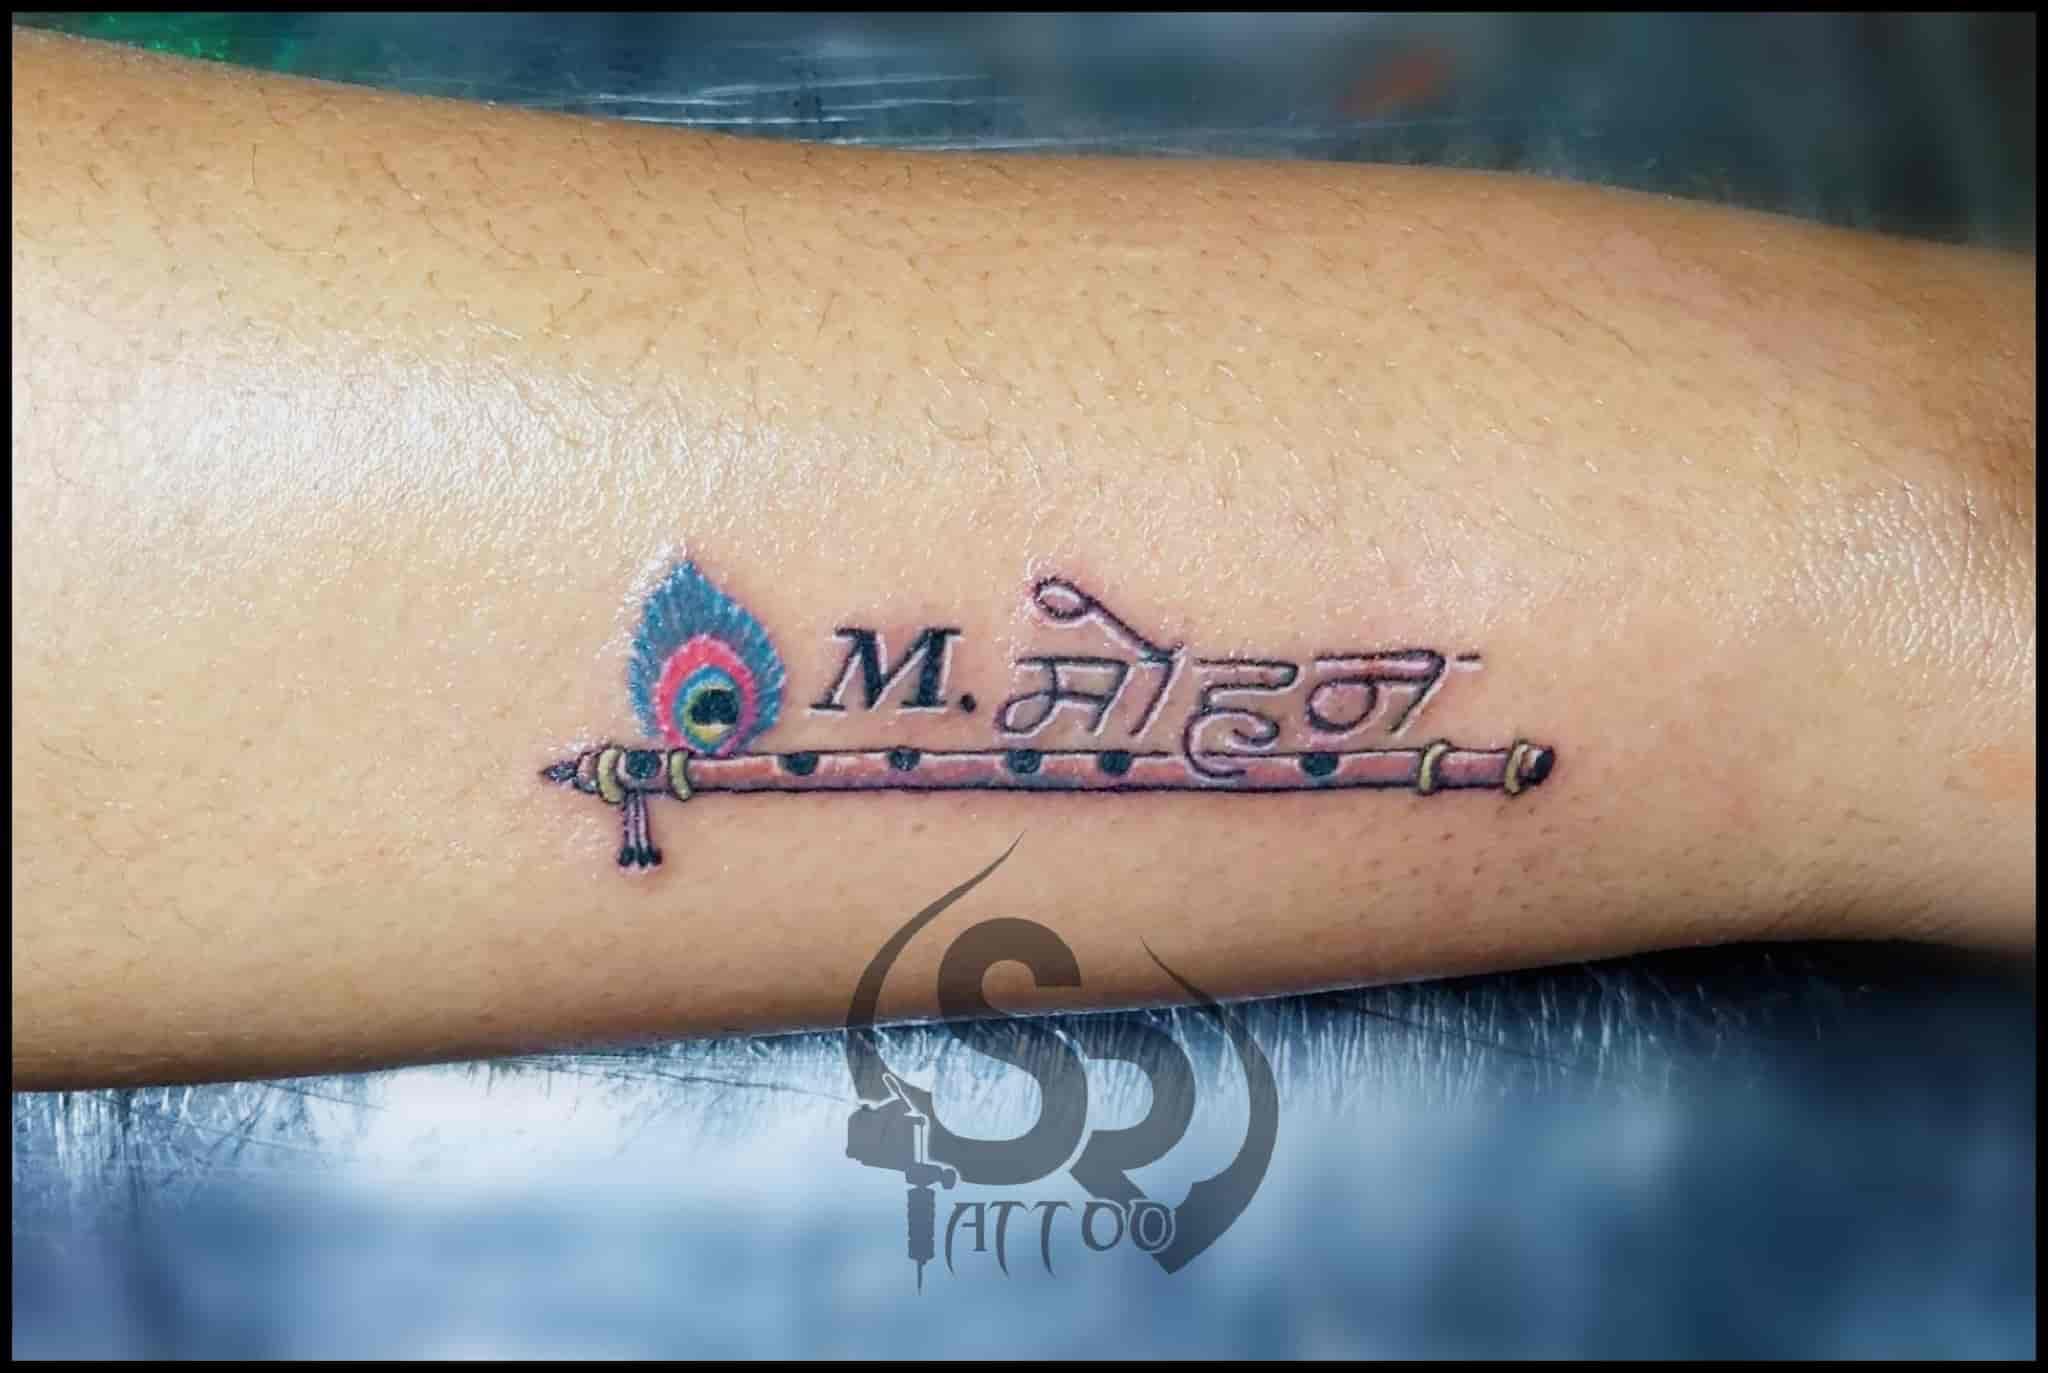 19987ffcd Shyam Rajput Tattoo, Sadar Bazaar - Tattoo Artists in Agra - Justdial